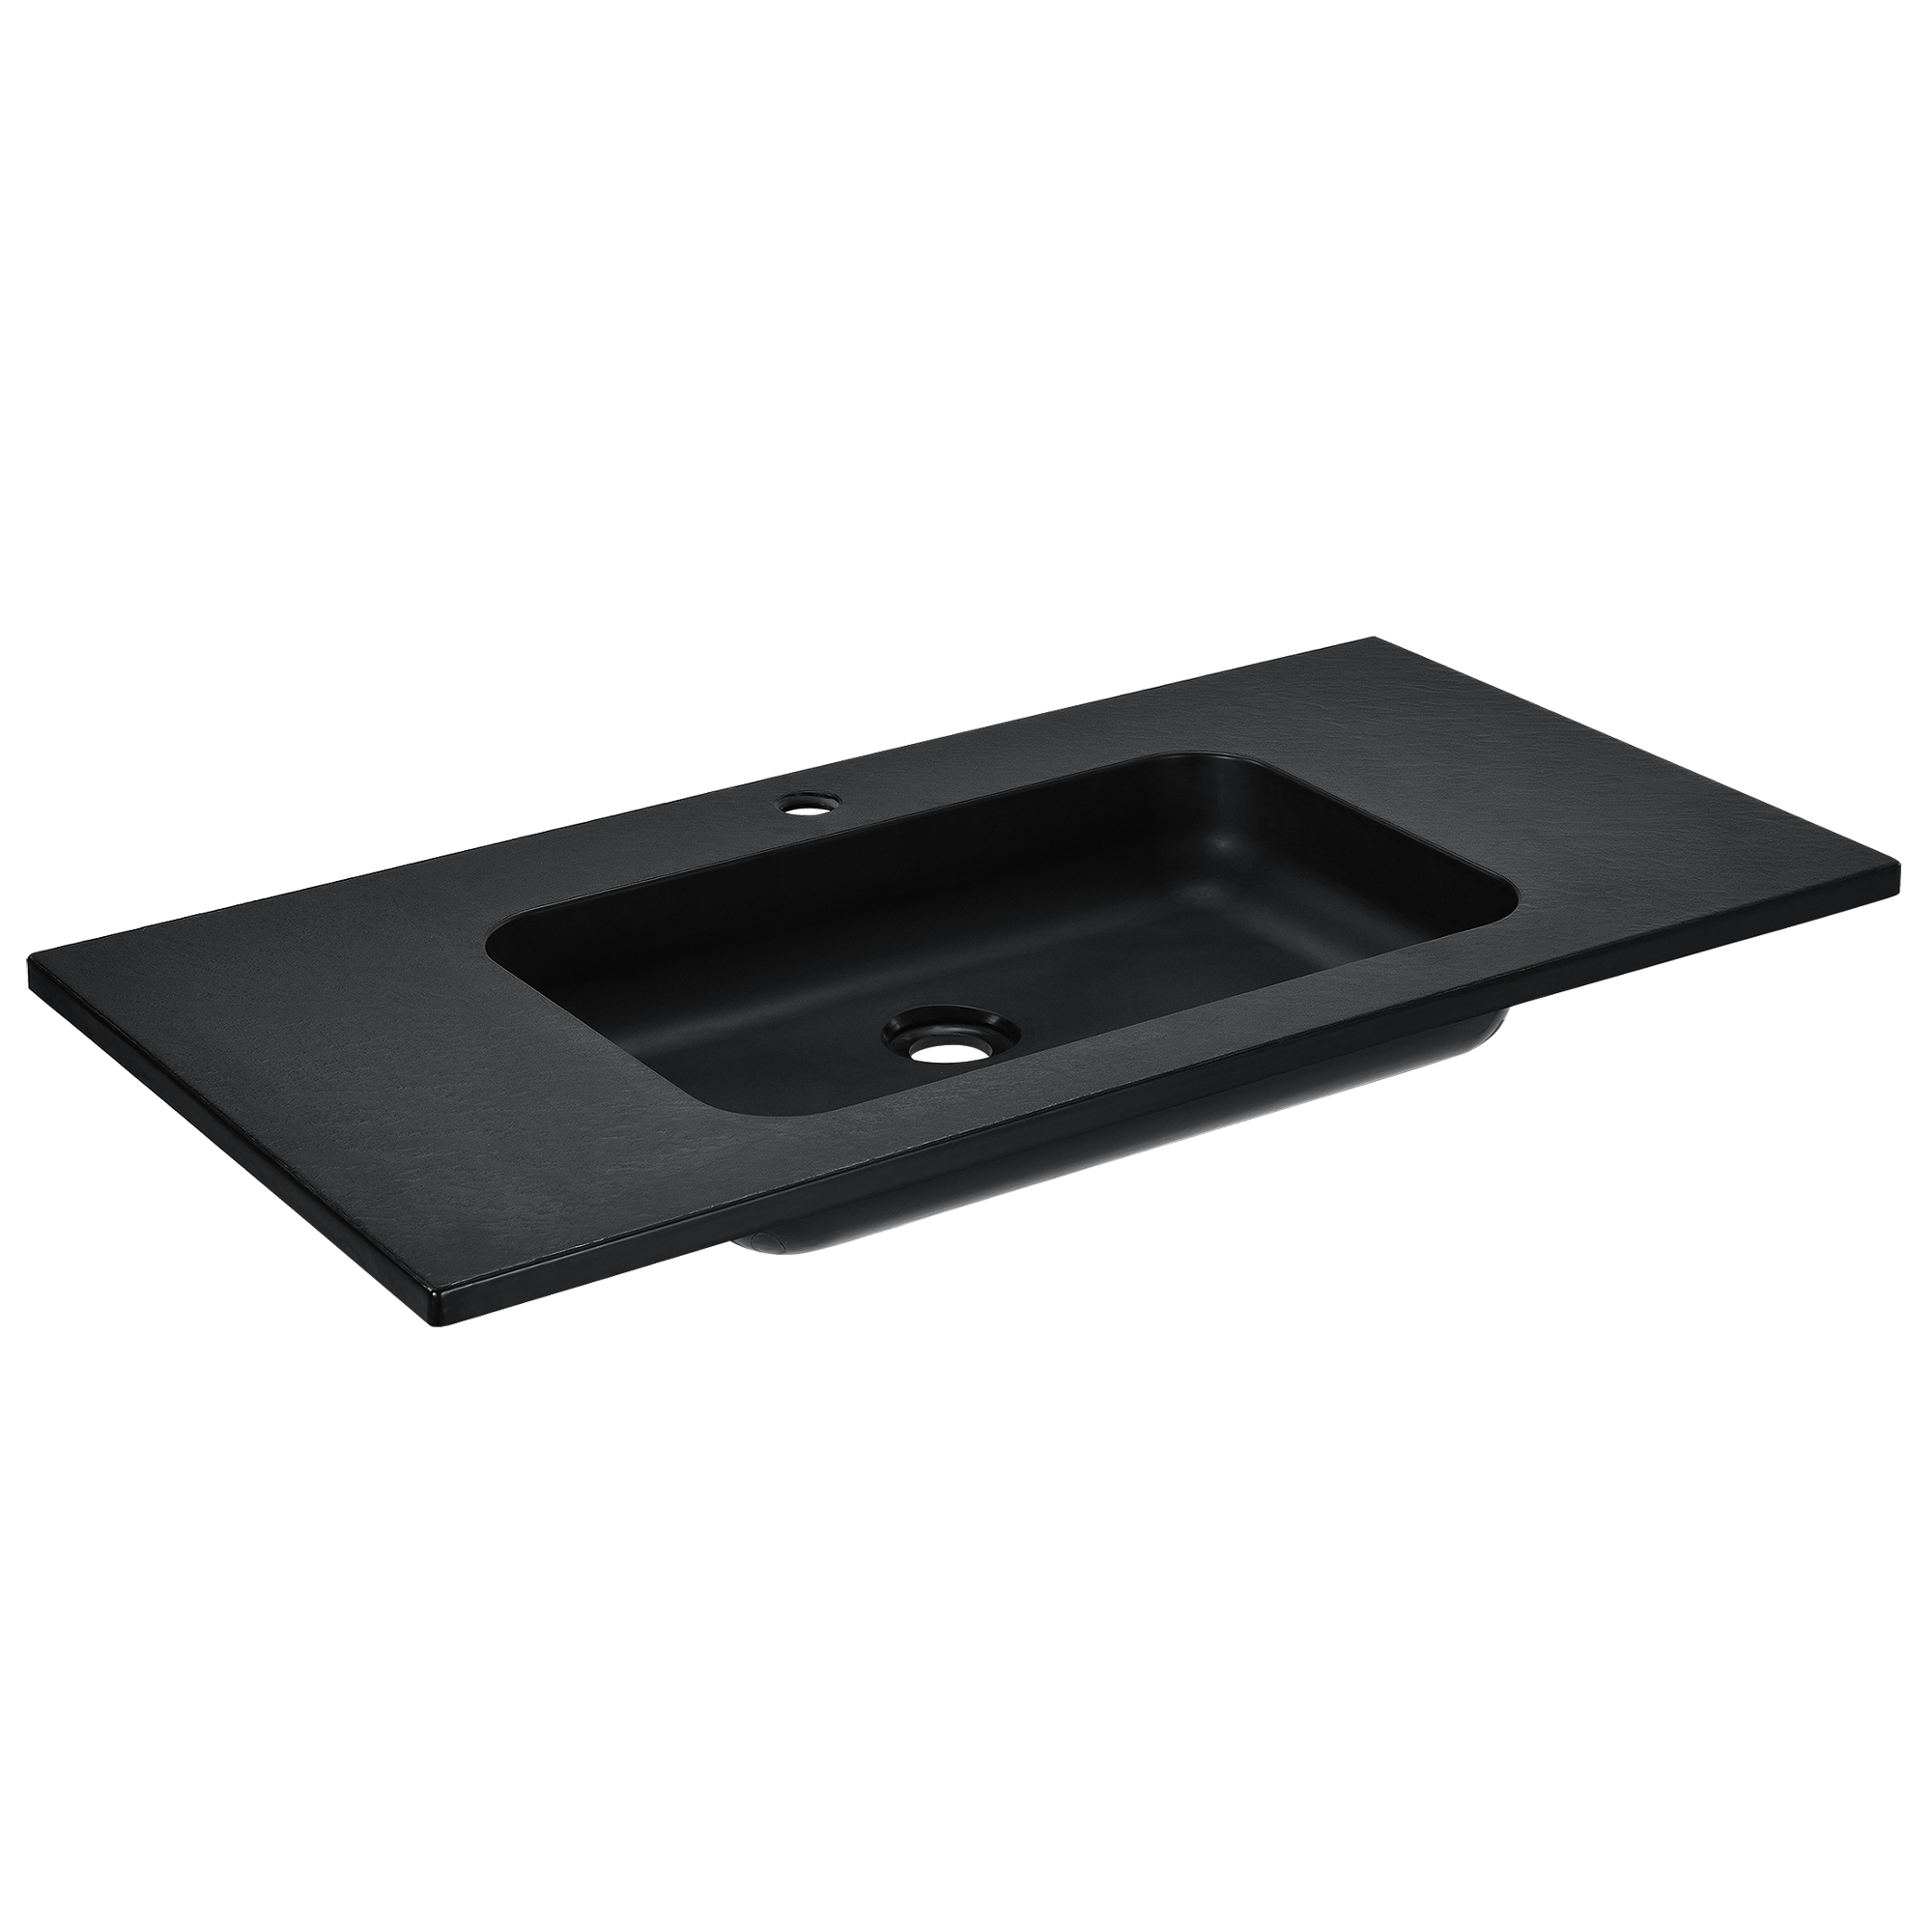 neuhaus waschbecken wei schwarz aufsatzwaschbecken. Black Bedroom Furniture Sets. Home Design Ideas